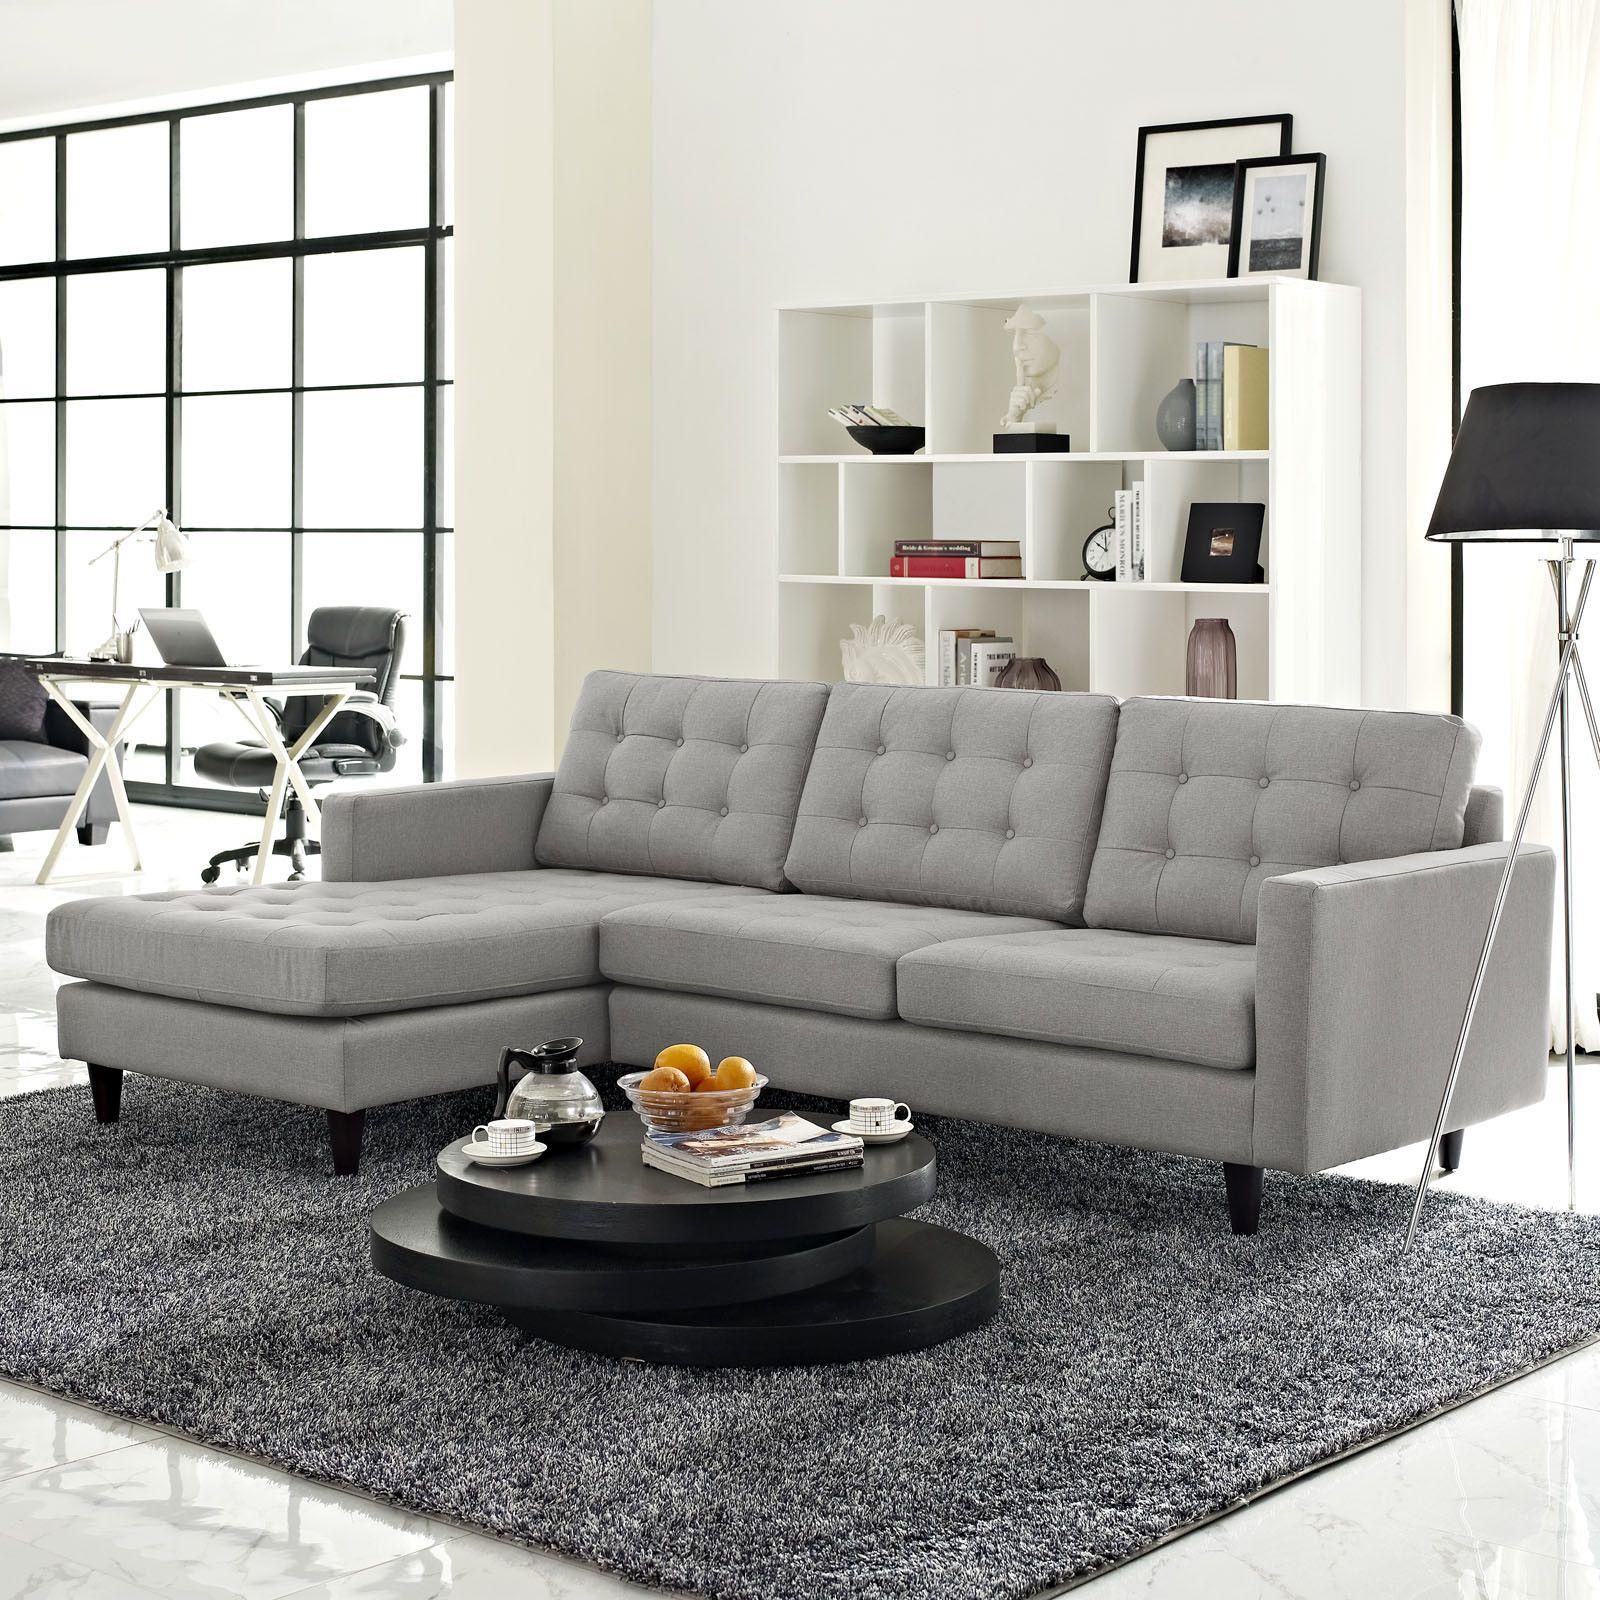 Era Upholstered Sectional Sofa Light Gray